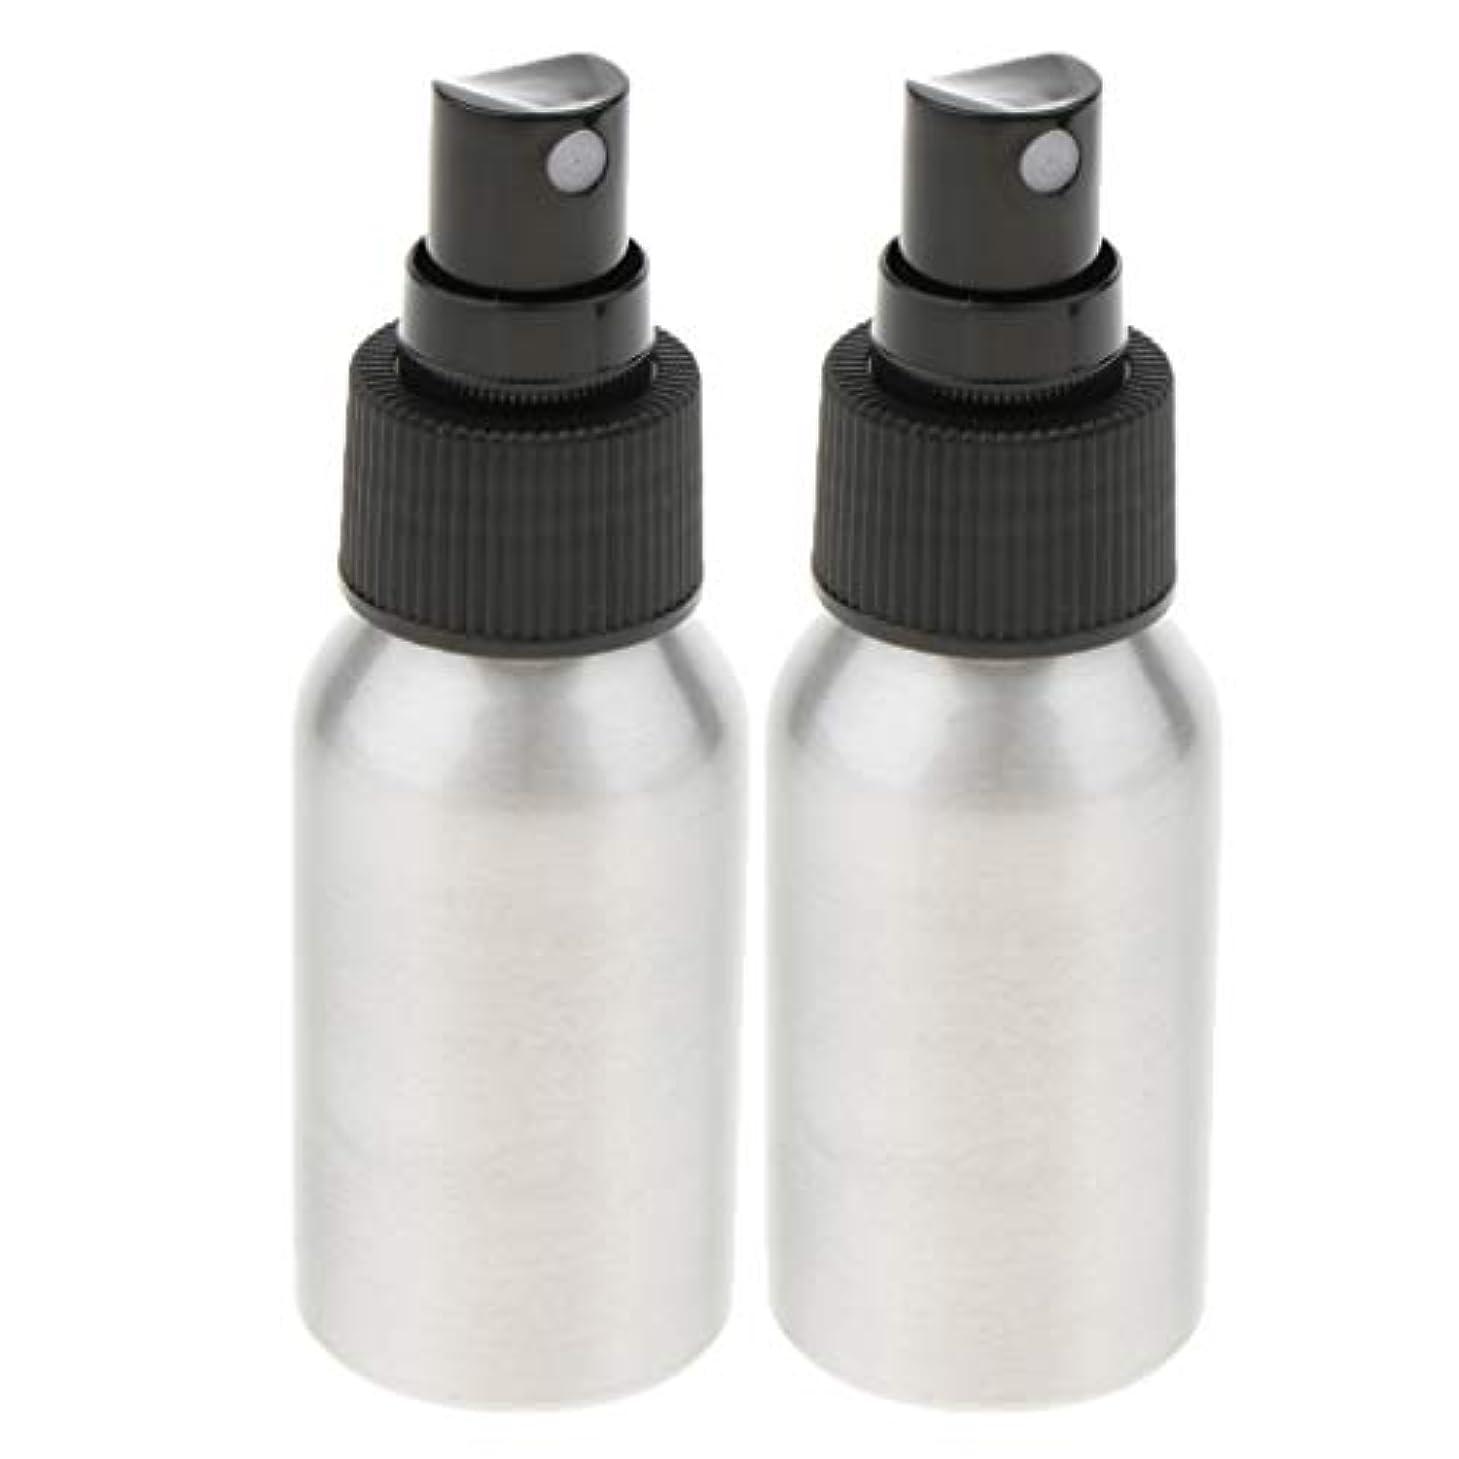 アプト再編成する種をまくgazechimp アルミ 空の詰め替えボトル 香水ボトル メイクアップボトル 2個 2色選択 - ブラックキャップ